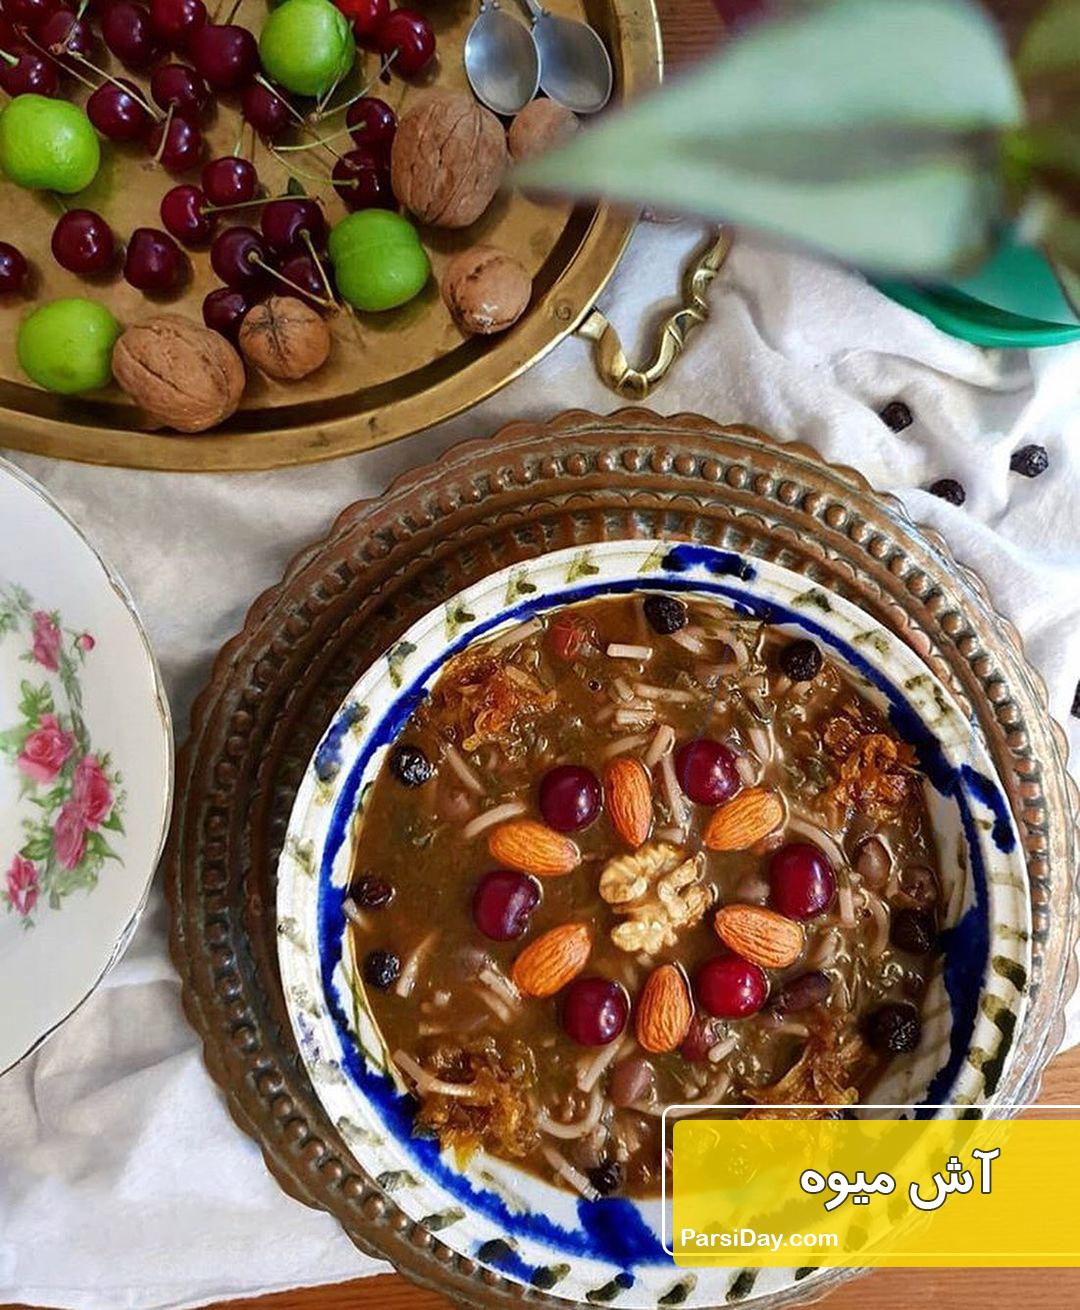 طرز تهیه آش میوه خوشمزه تبریز و اردبیل با میوه خشک و تازه